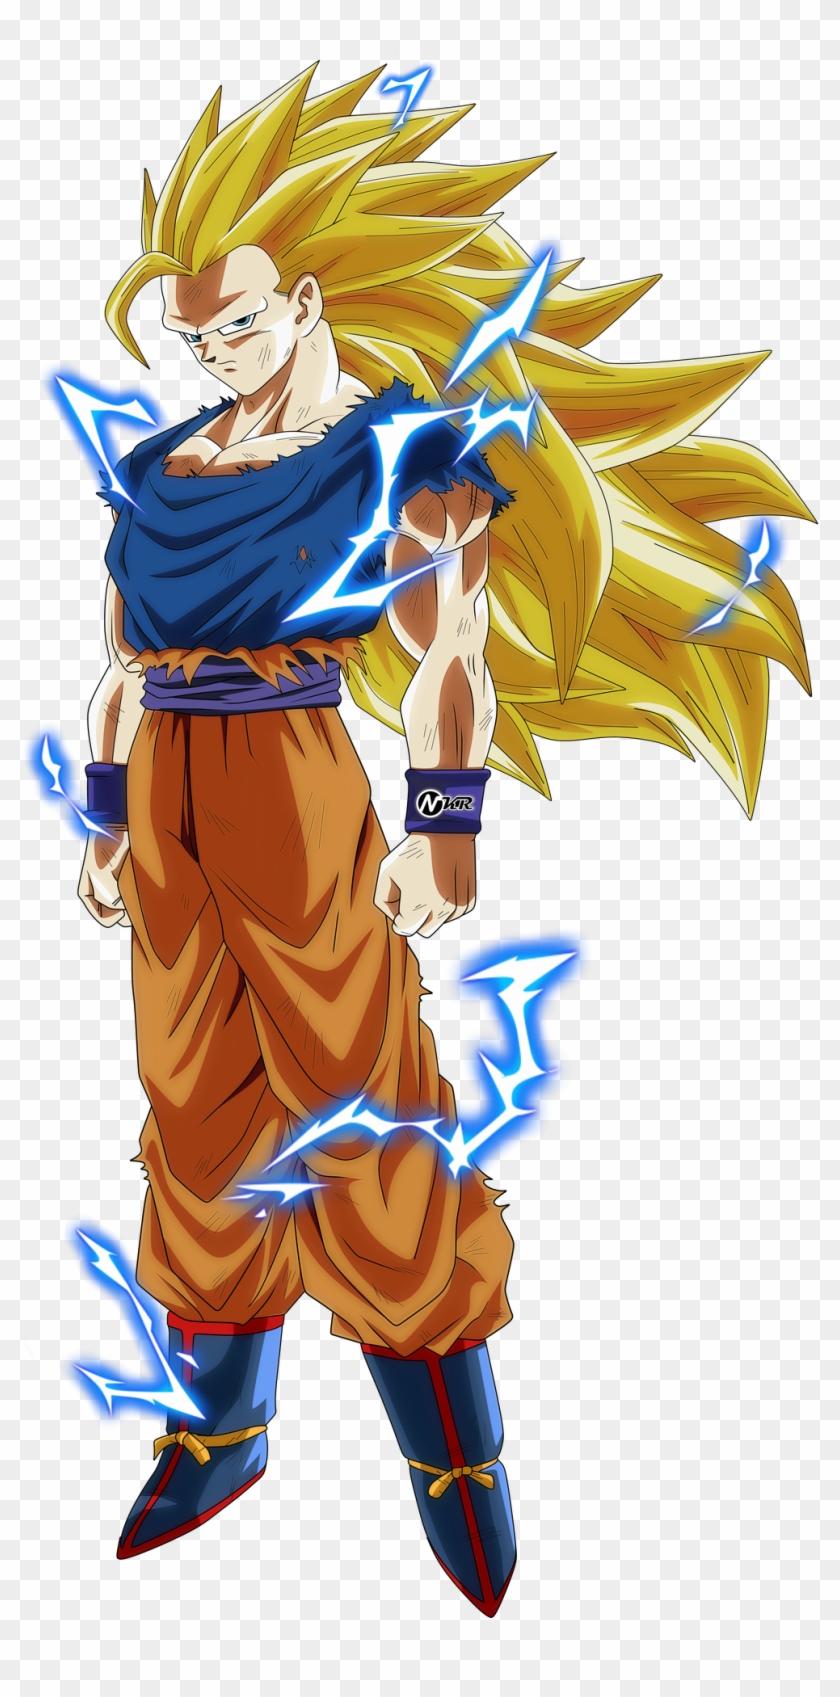 Ssj Chat Dragon Ball Super Goku Ssj 3 Hd Png Download 2977579